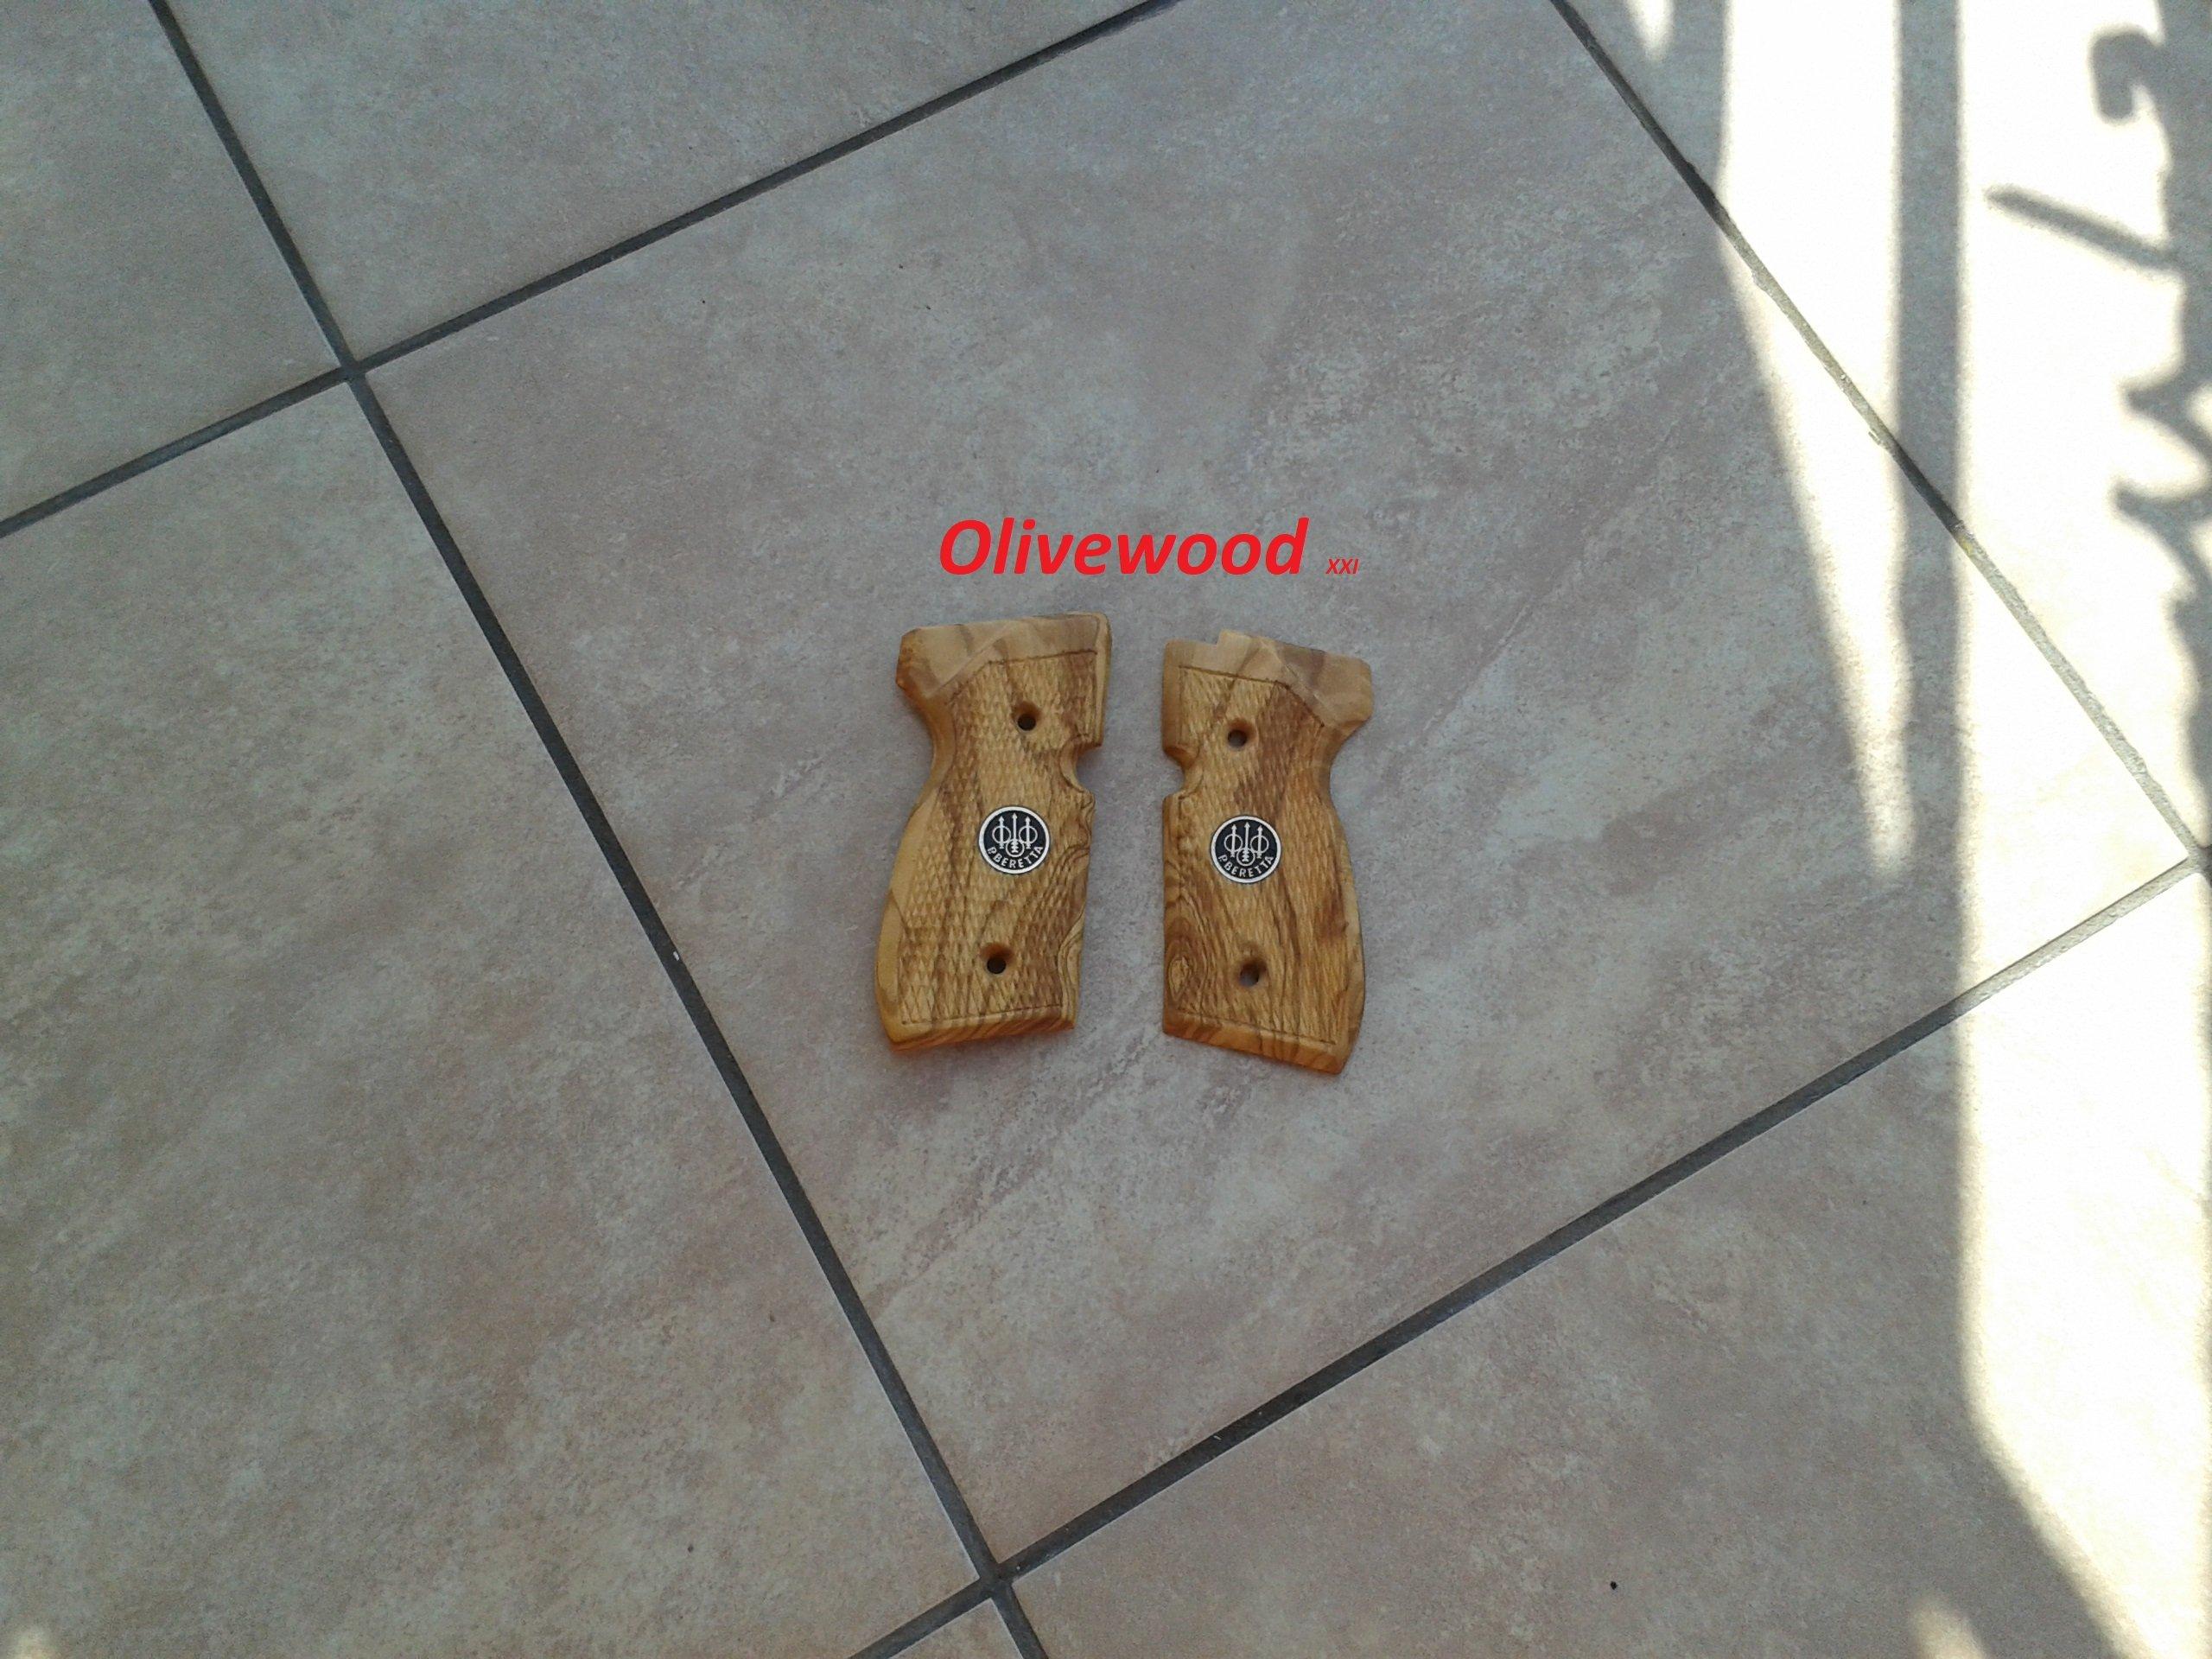 Okładziny drewniane do wiatrówki Beretta 92 fs